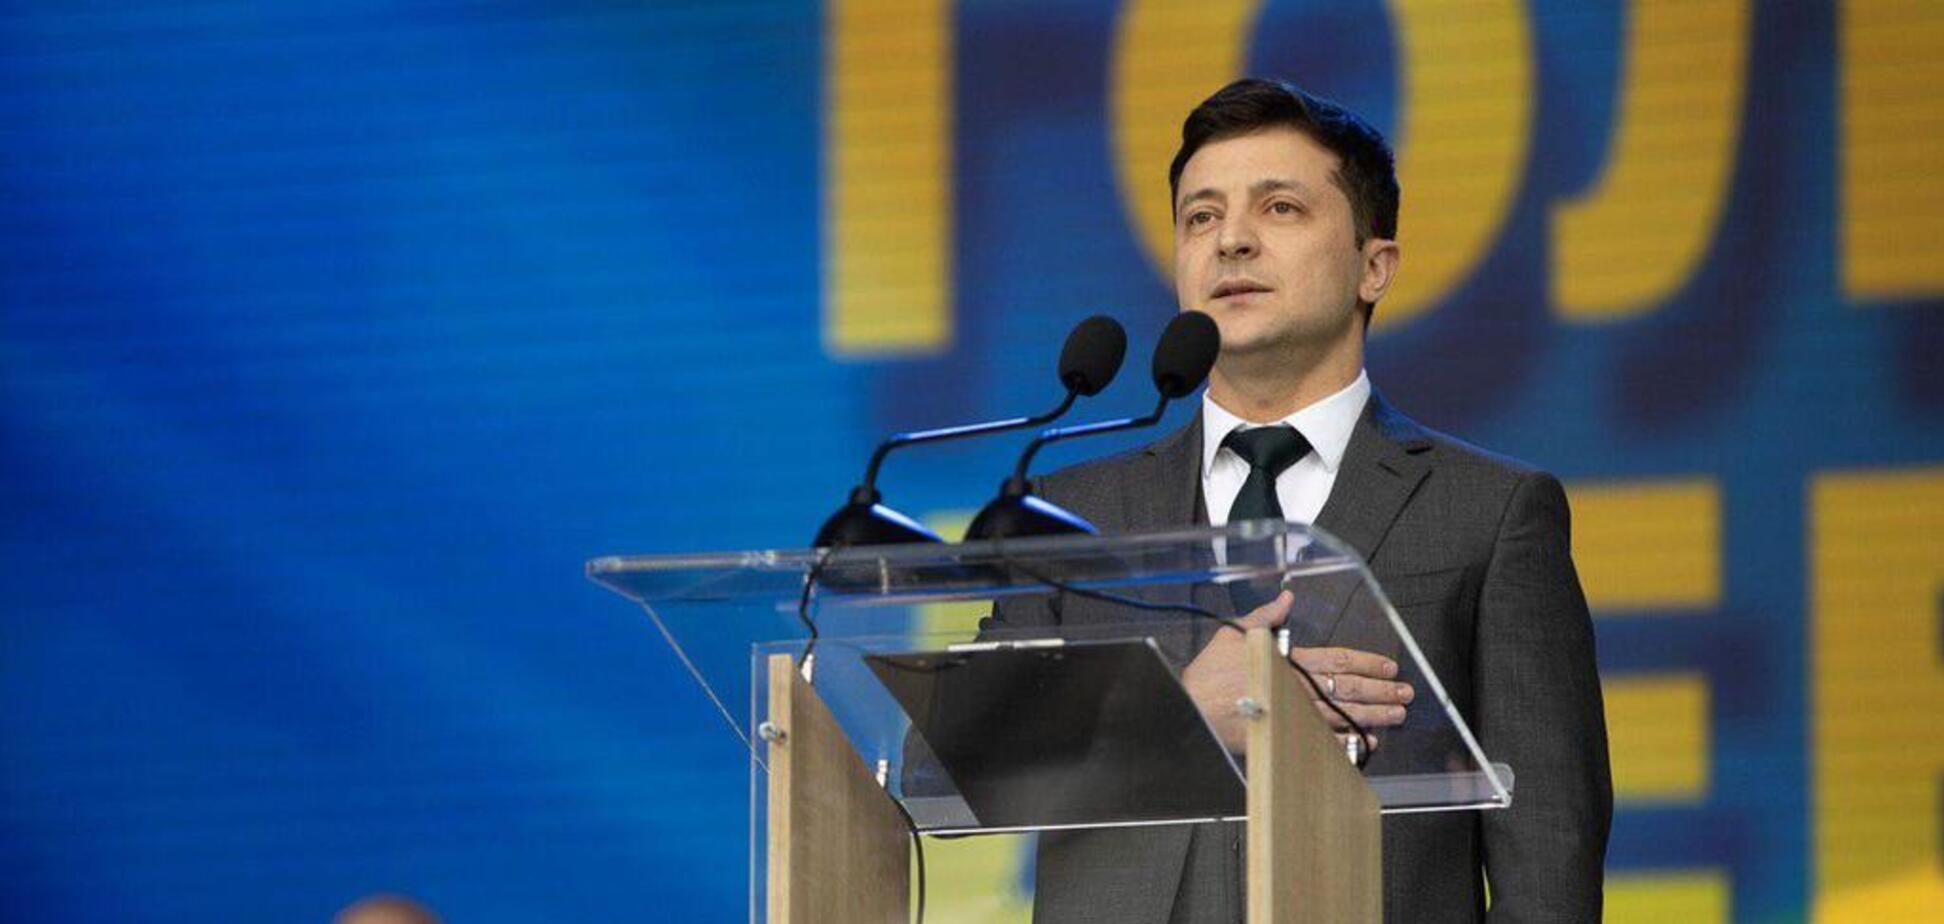 Зеленский победил: ЦИК официально объявила результаты выборов